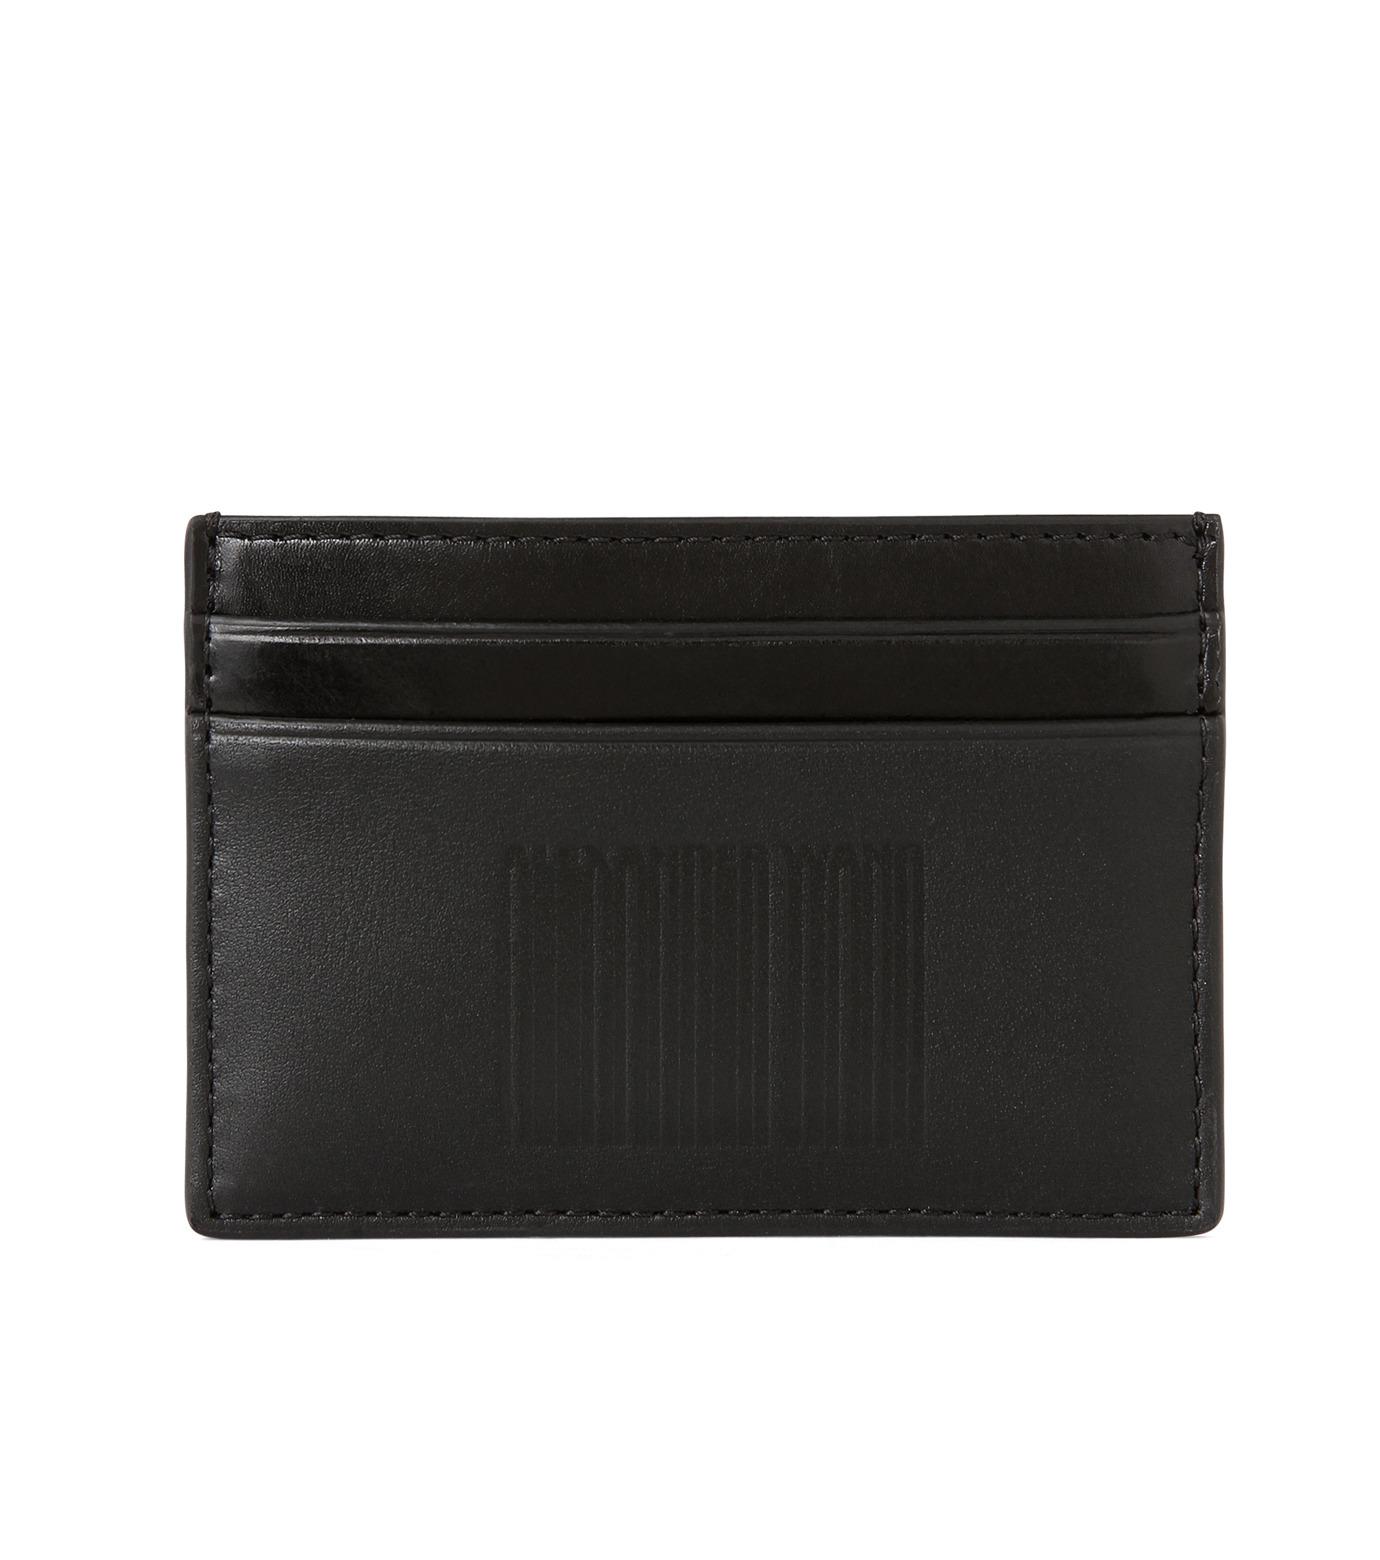 Alexander Wang(アレキサンダーワン)のCardcase-BLACK(WALLETS/WALLETS)-71A0018-13 拡大詳細画像1